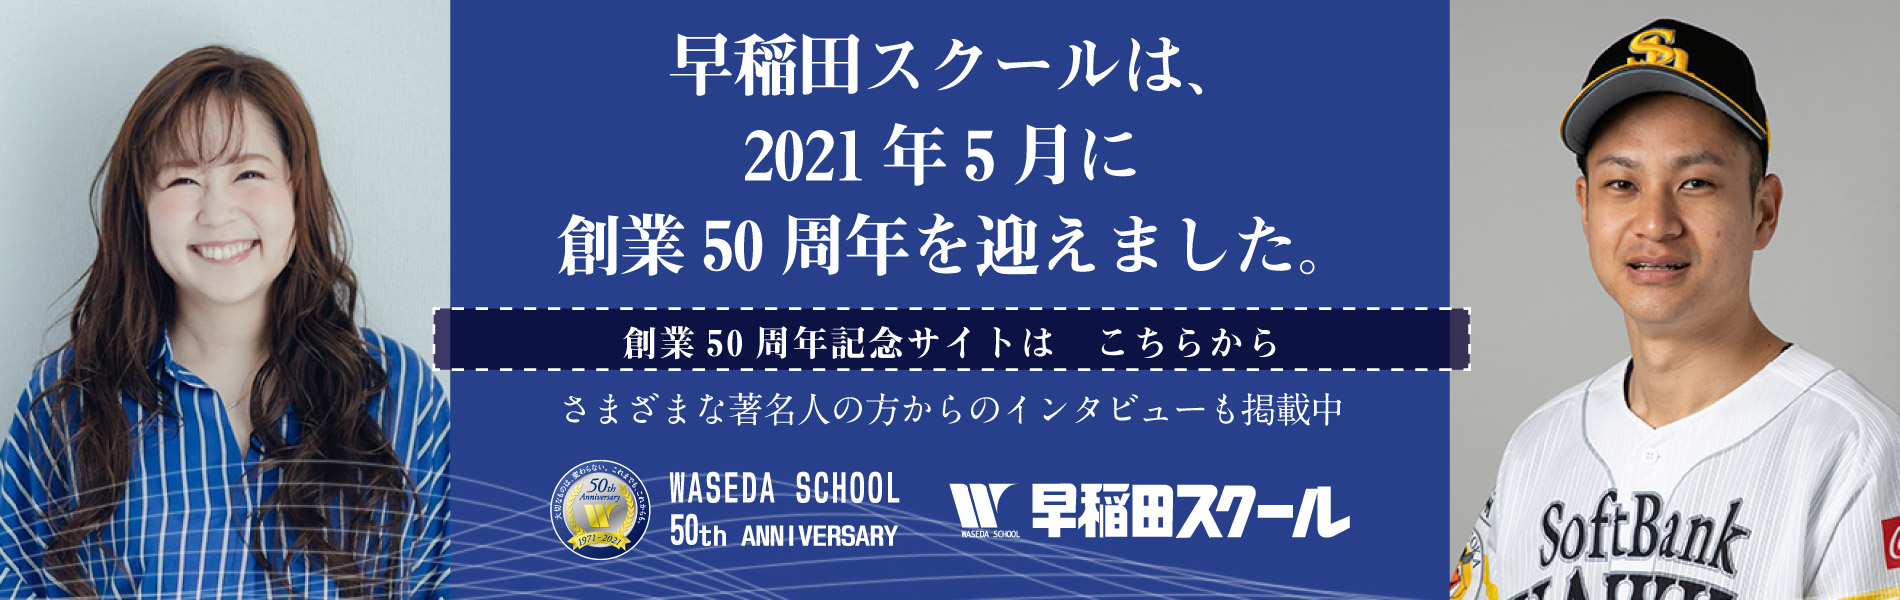 早稲田スクール50周年